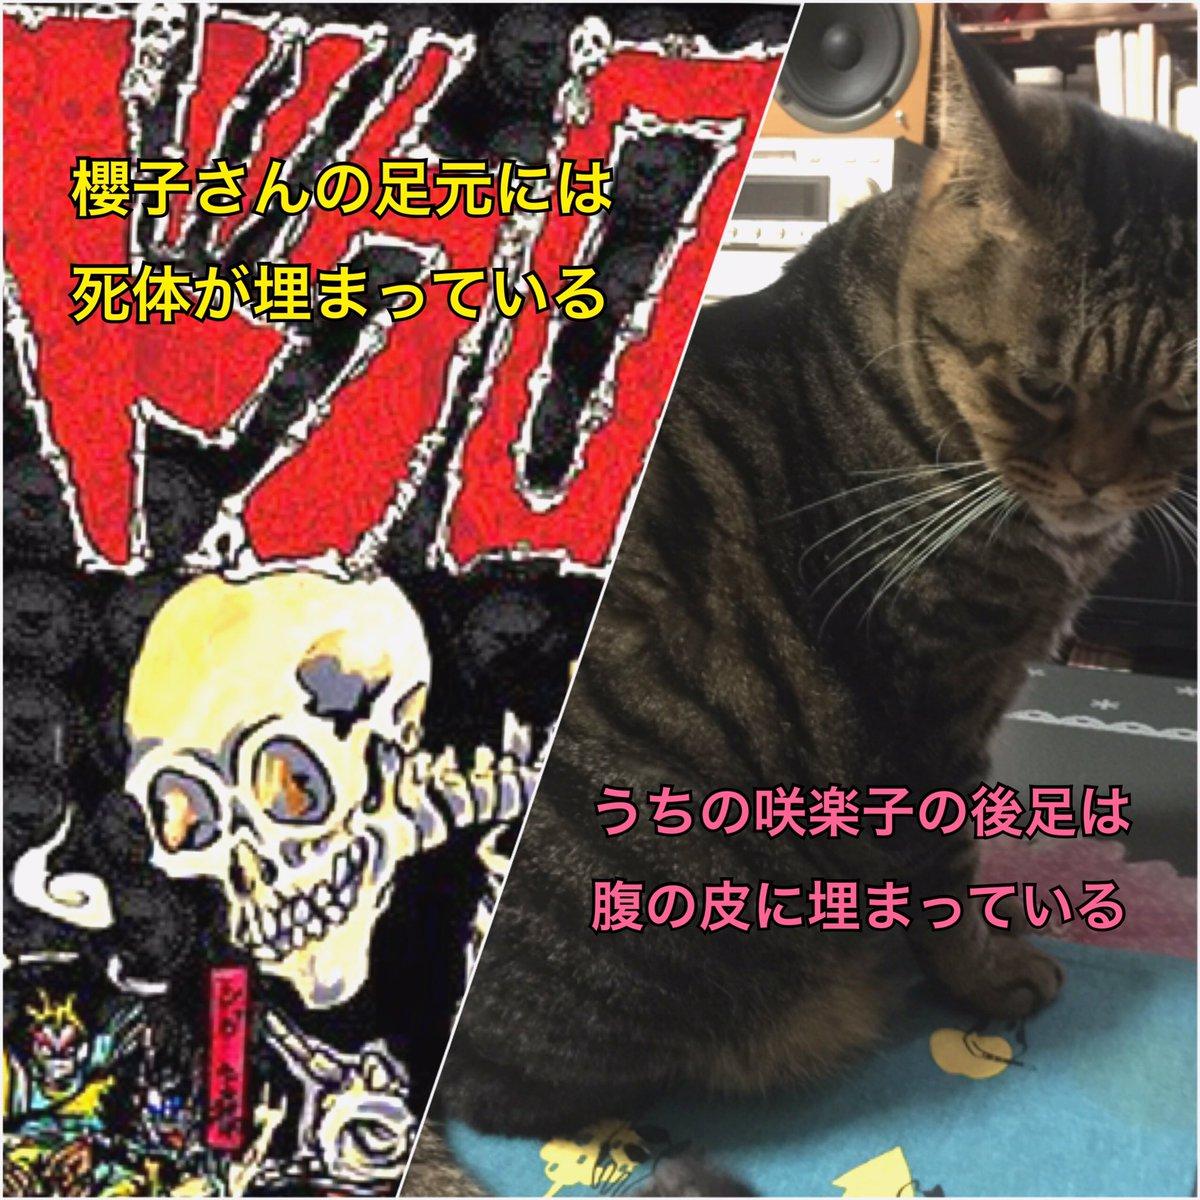 『櫻子さんの足下には死体が埋まっている』挿入歌『DOKURO ~恍骨礼讃歌 第1章~』配信開始&聖鬼Mk-Vo:ディアベ